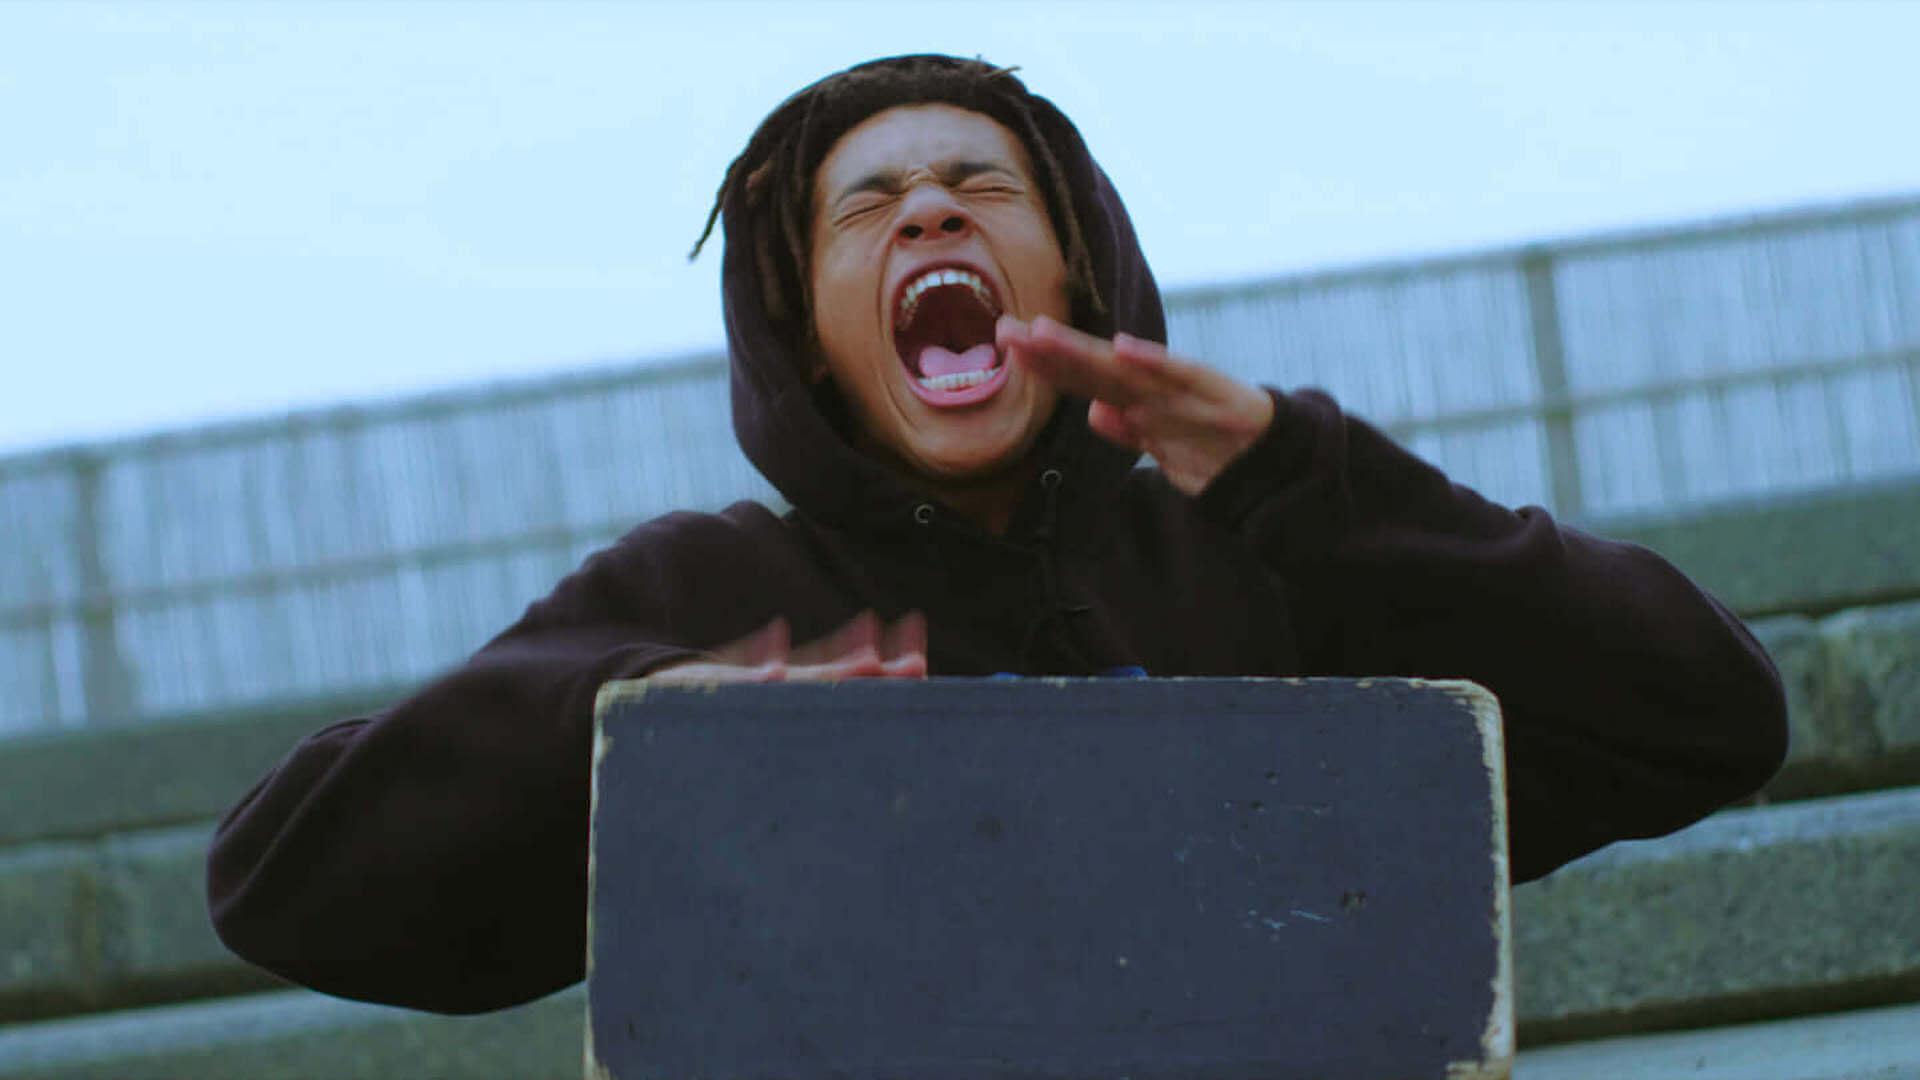 リアルスケーター4人が出演する青春映画『STAND STRONG』がNetflix、iTunes、Amazonプライムビデオなどで配信決定! film210223_standstrong_5-1920x1080